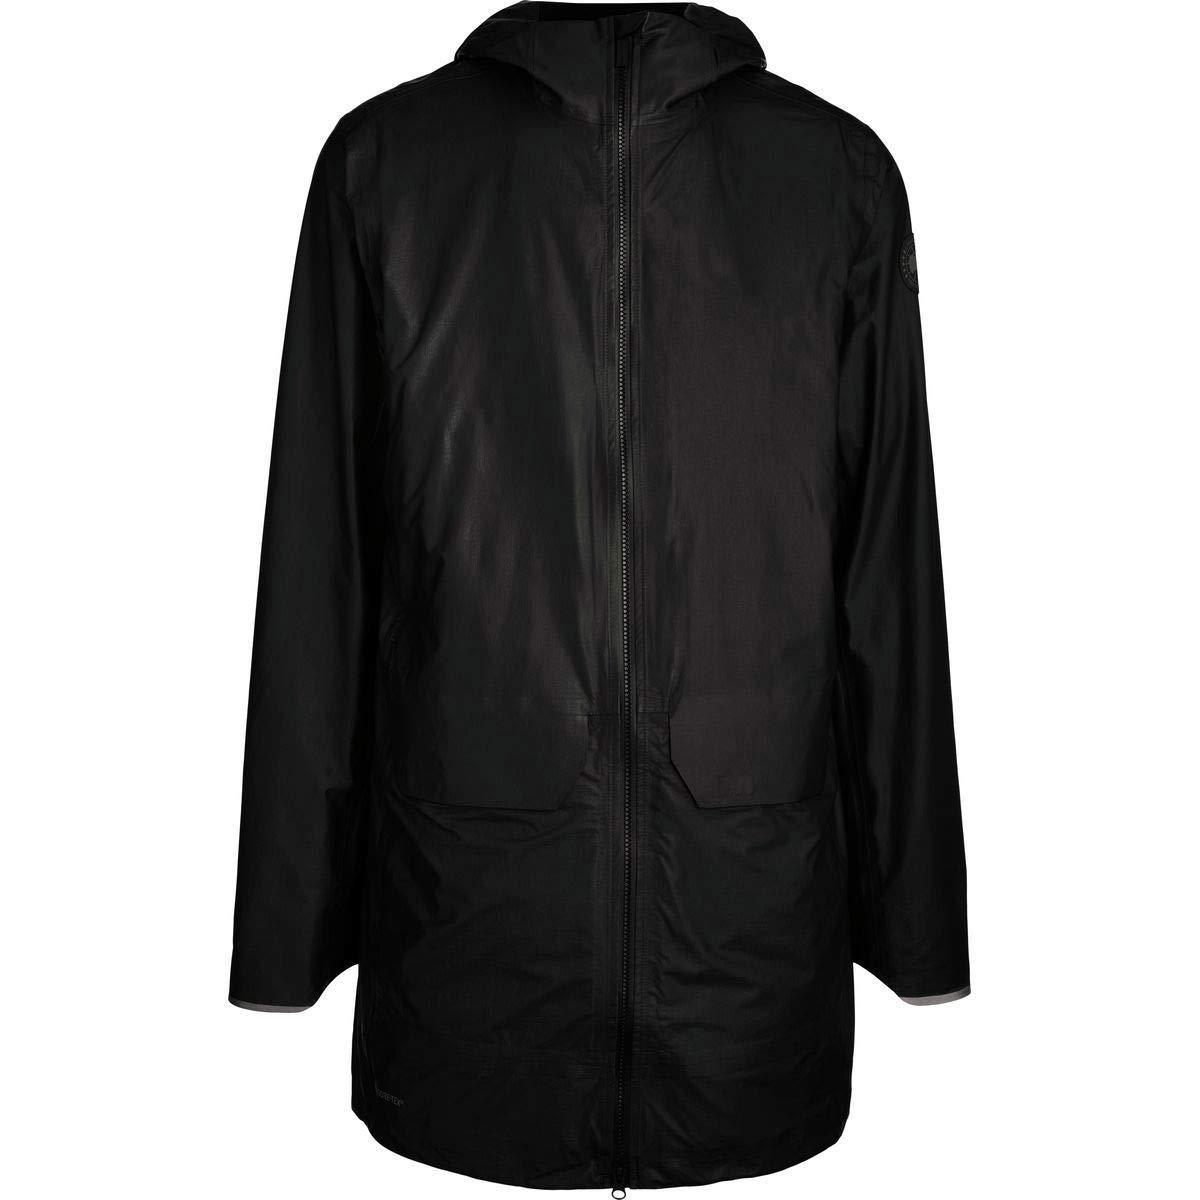 [カナダグース] [カナダグース] B07QLLLLKM メンズ ジャケット&ブルゾン Nomad Jacket [並行輸入品] Jacket B07QLLLLKM L, SOAR(そあ)ショップ:50929941 --- gallery-rugdoll.com